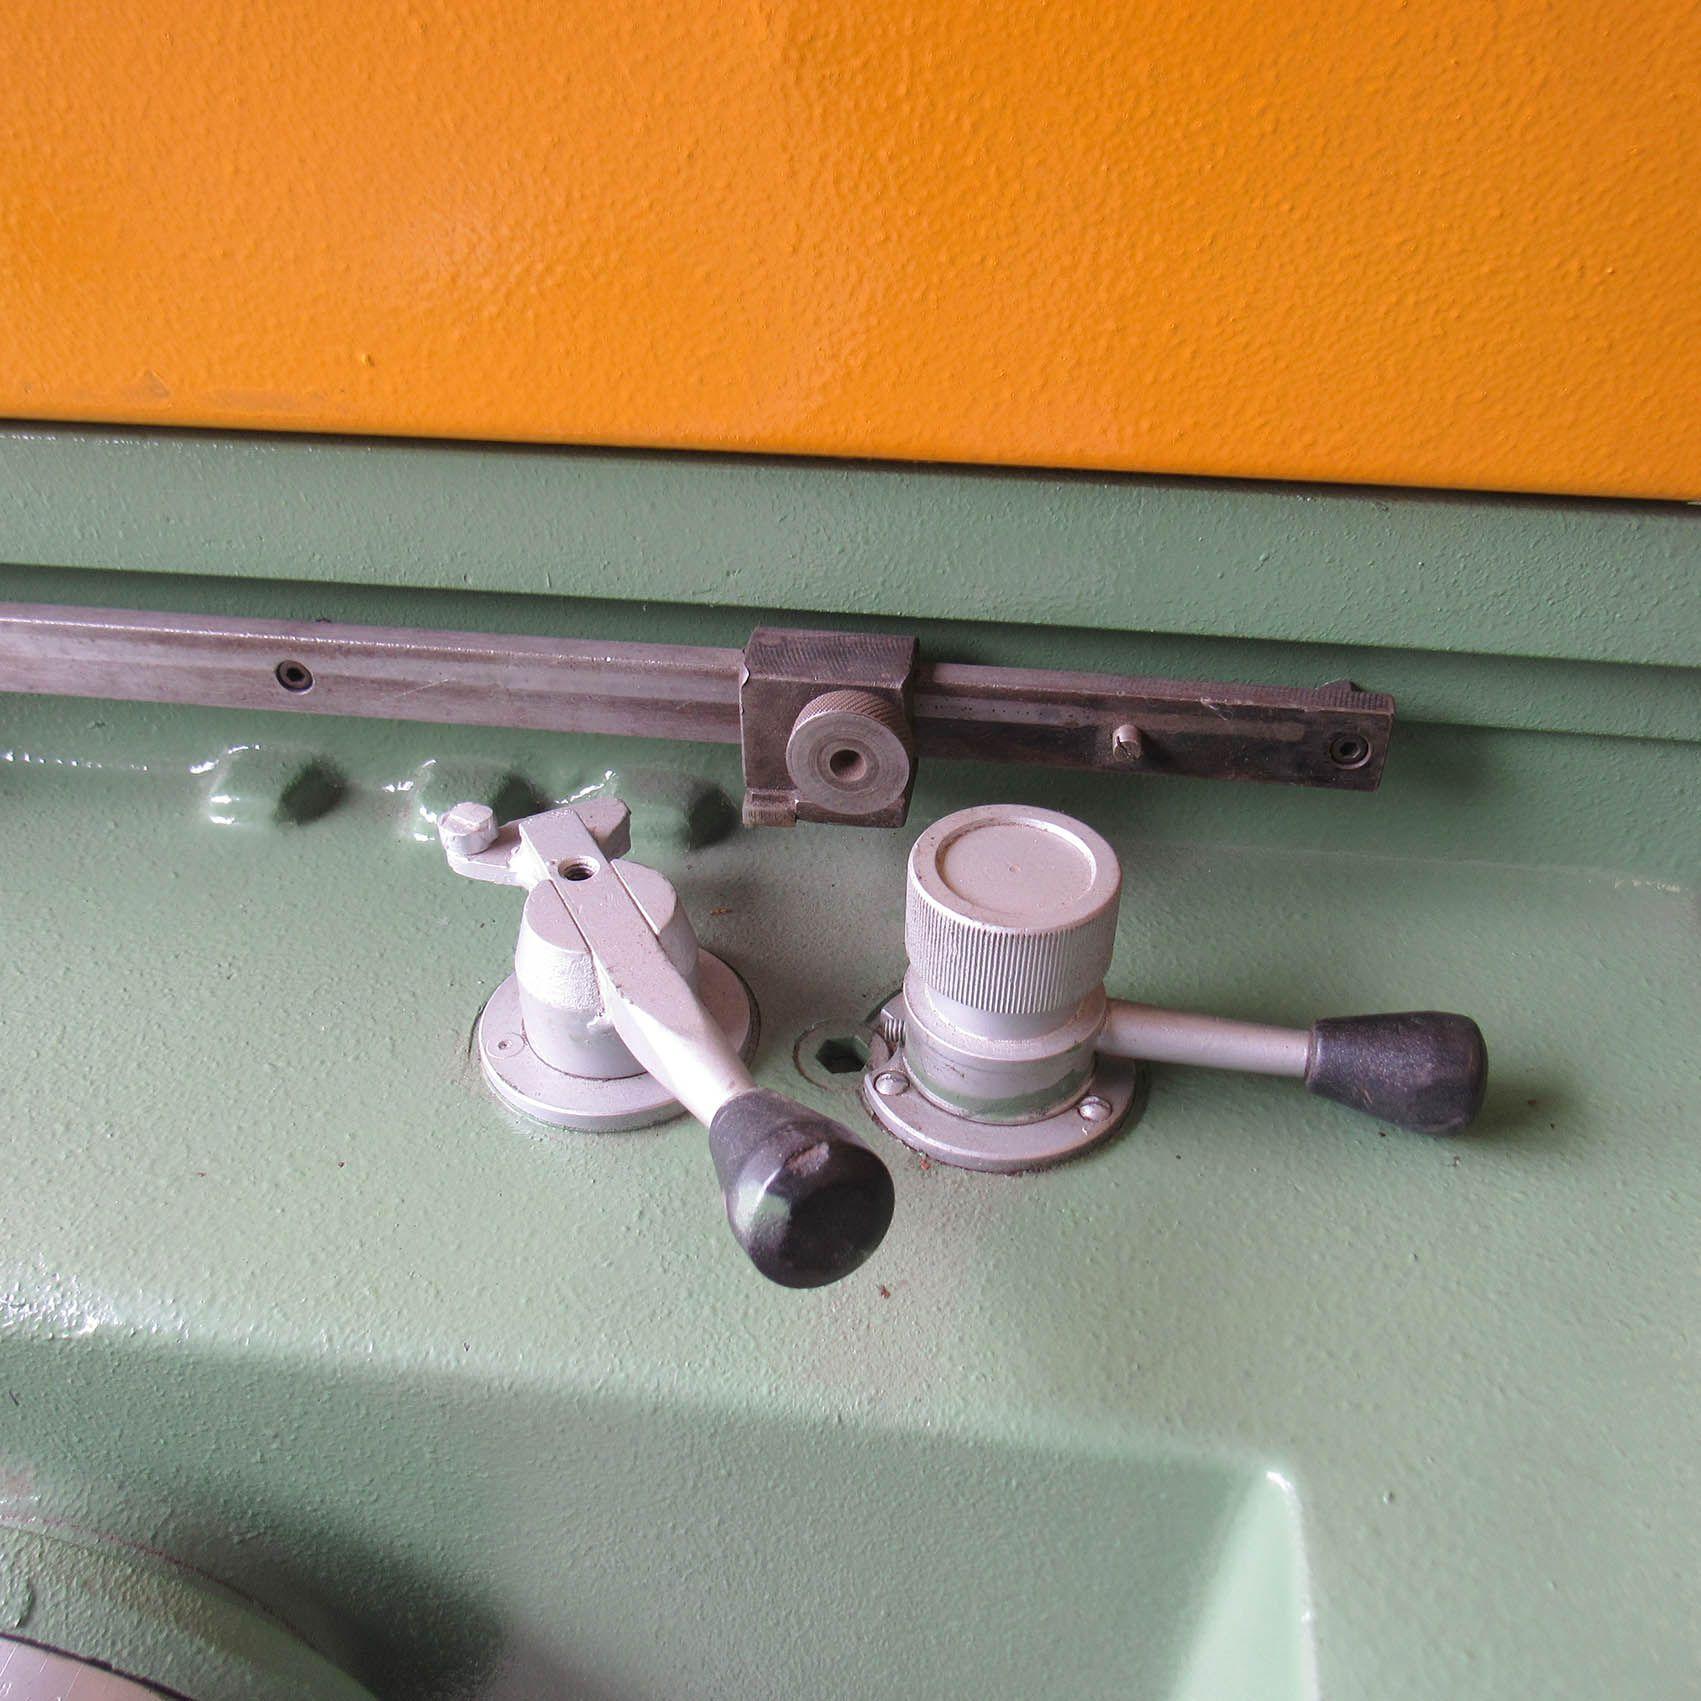 Retífica Plana Tangencial Sul mecânica 500 x 200 mm MM23 – Usada